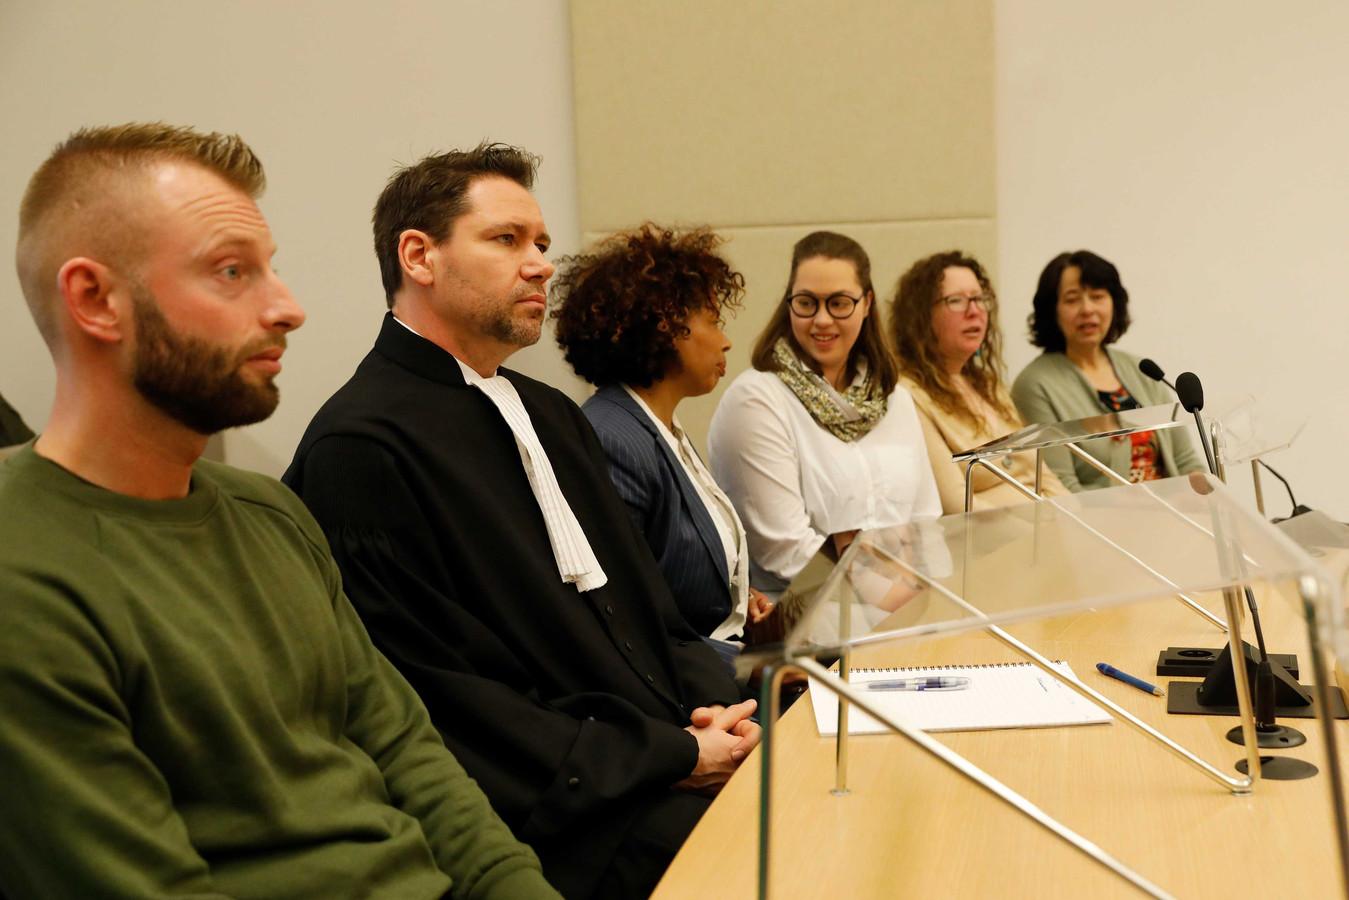 Ouders en donorkinderen tijdens de uitspraak van de rechtbank Rotterdam, twee maanden geleden.